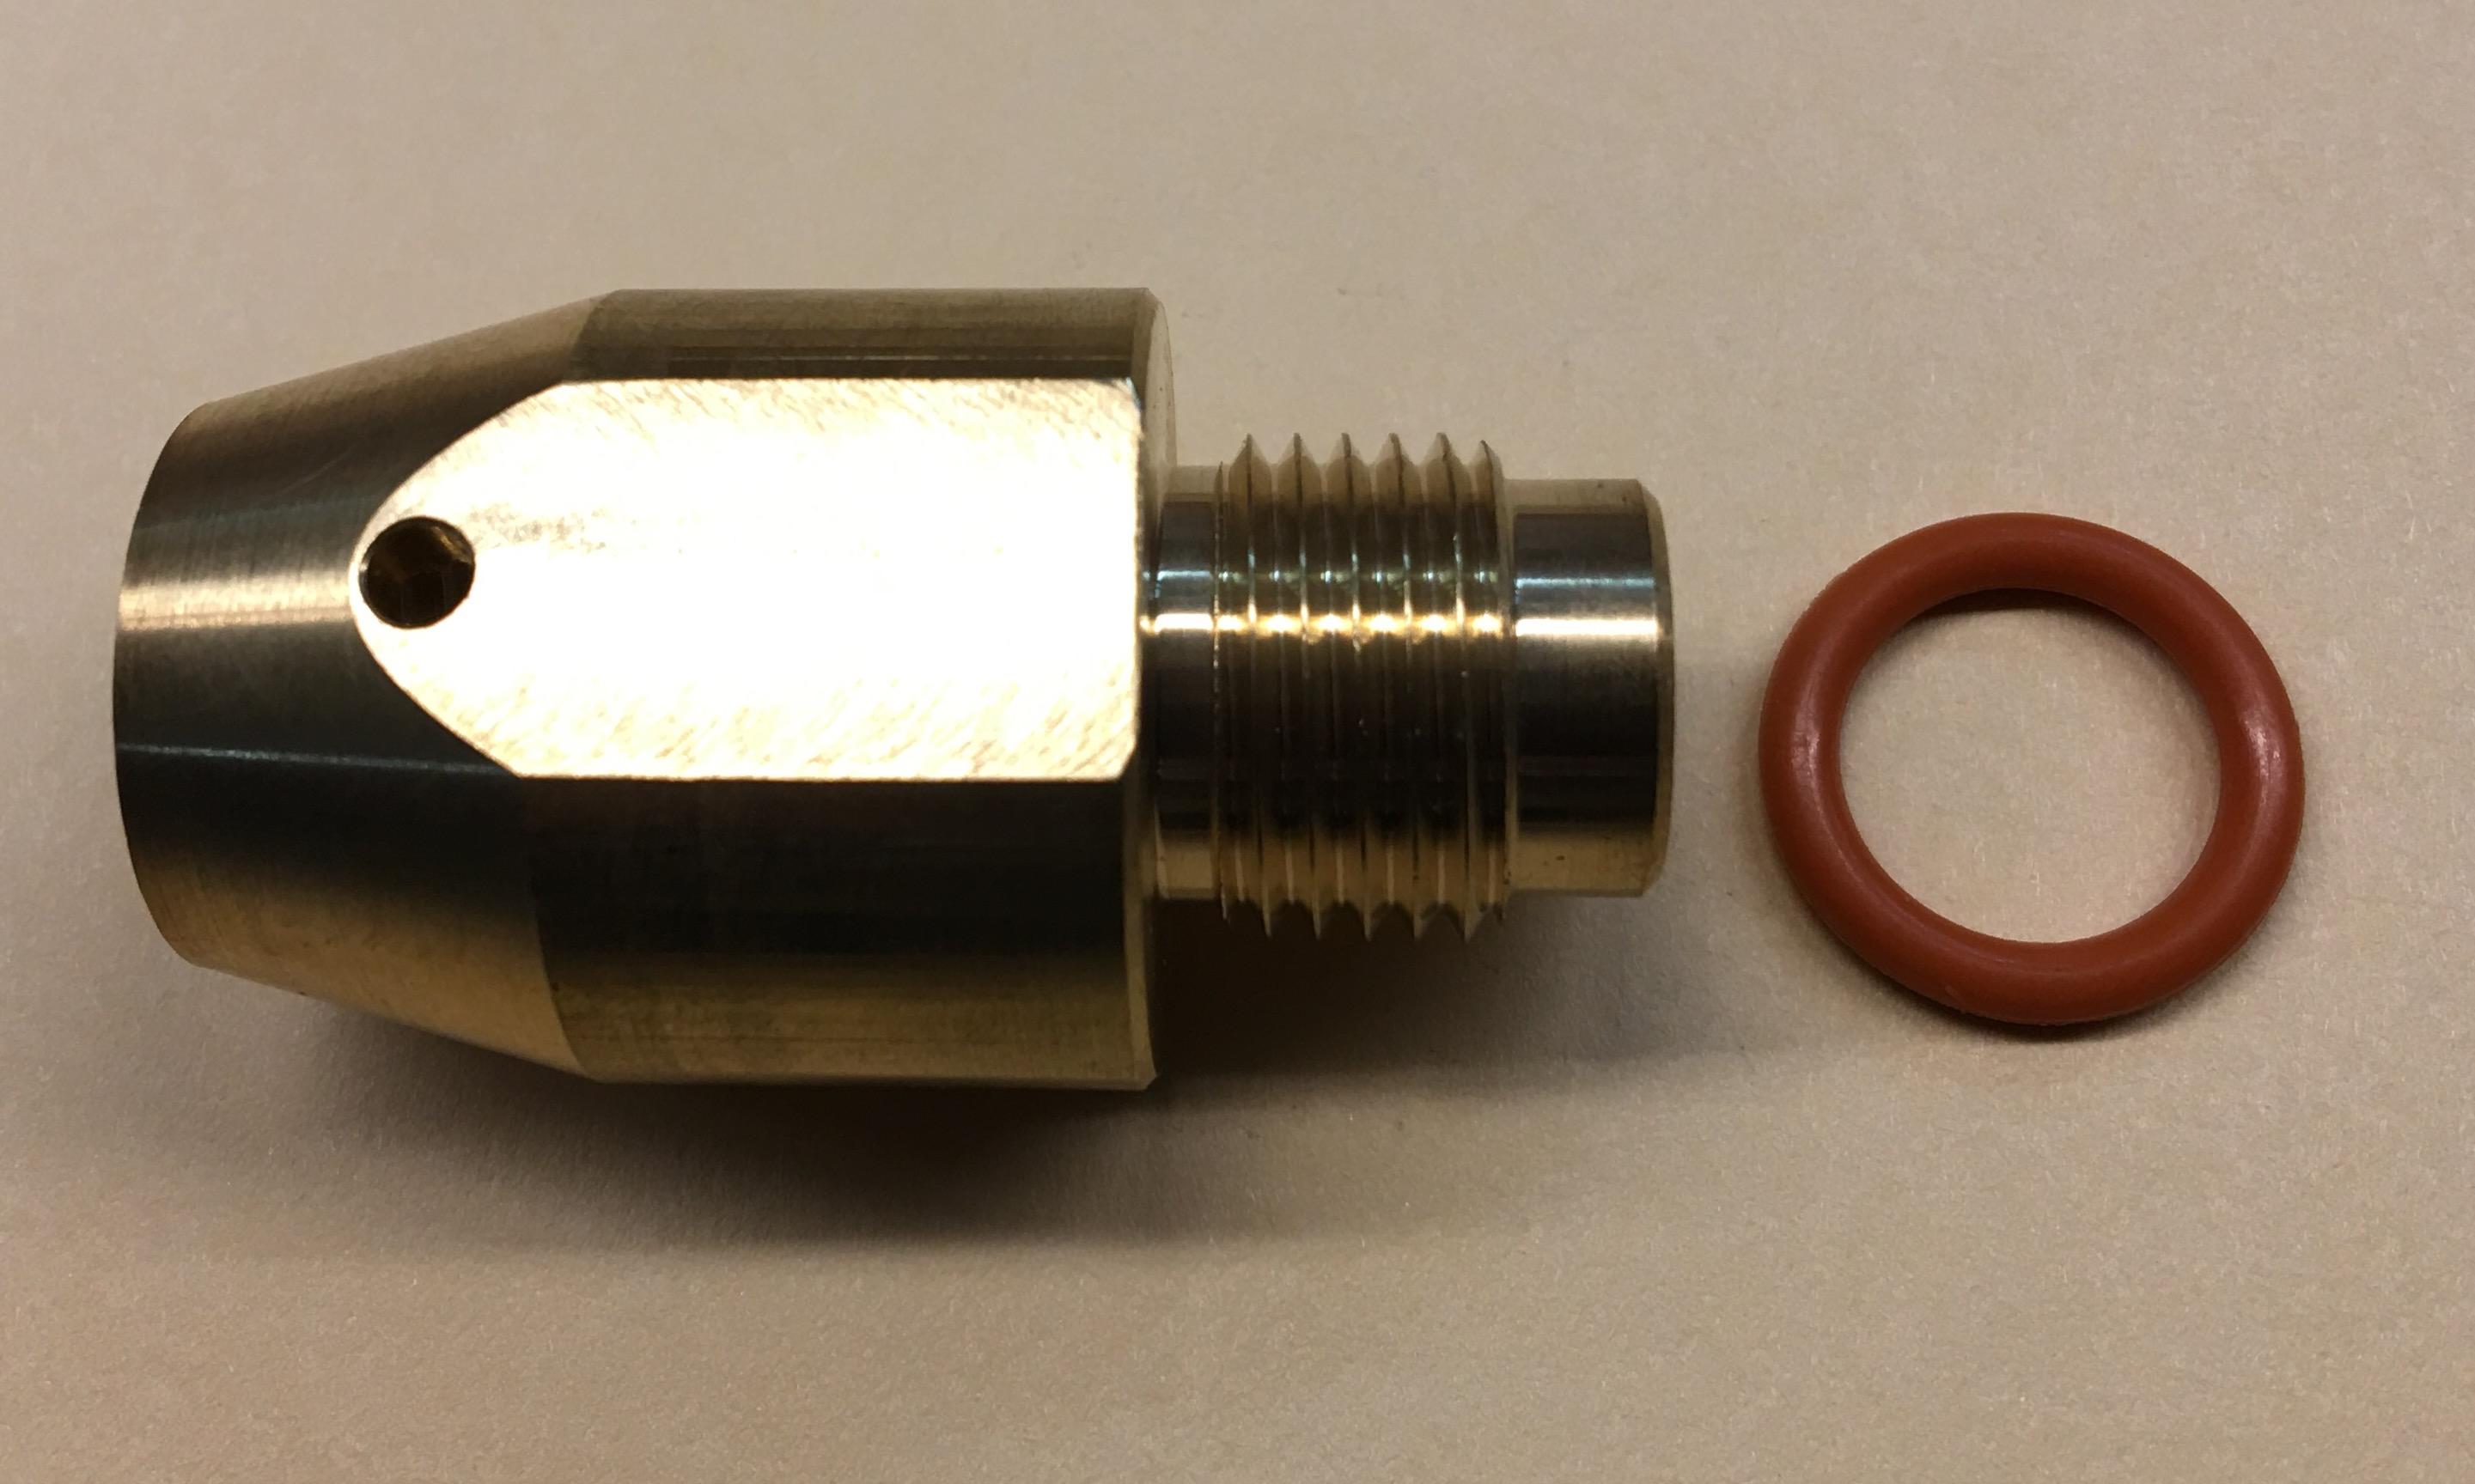 Adapterkappe, Ersatzteil zum Ventil 850 Classik